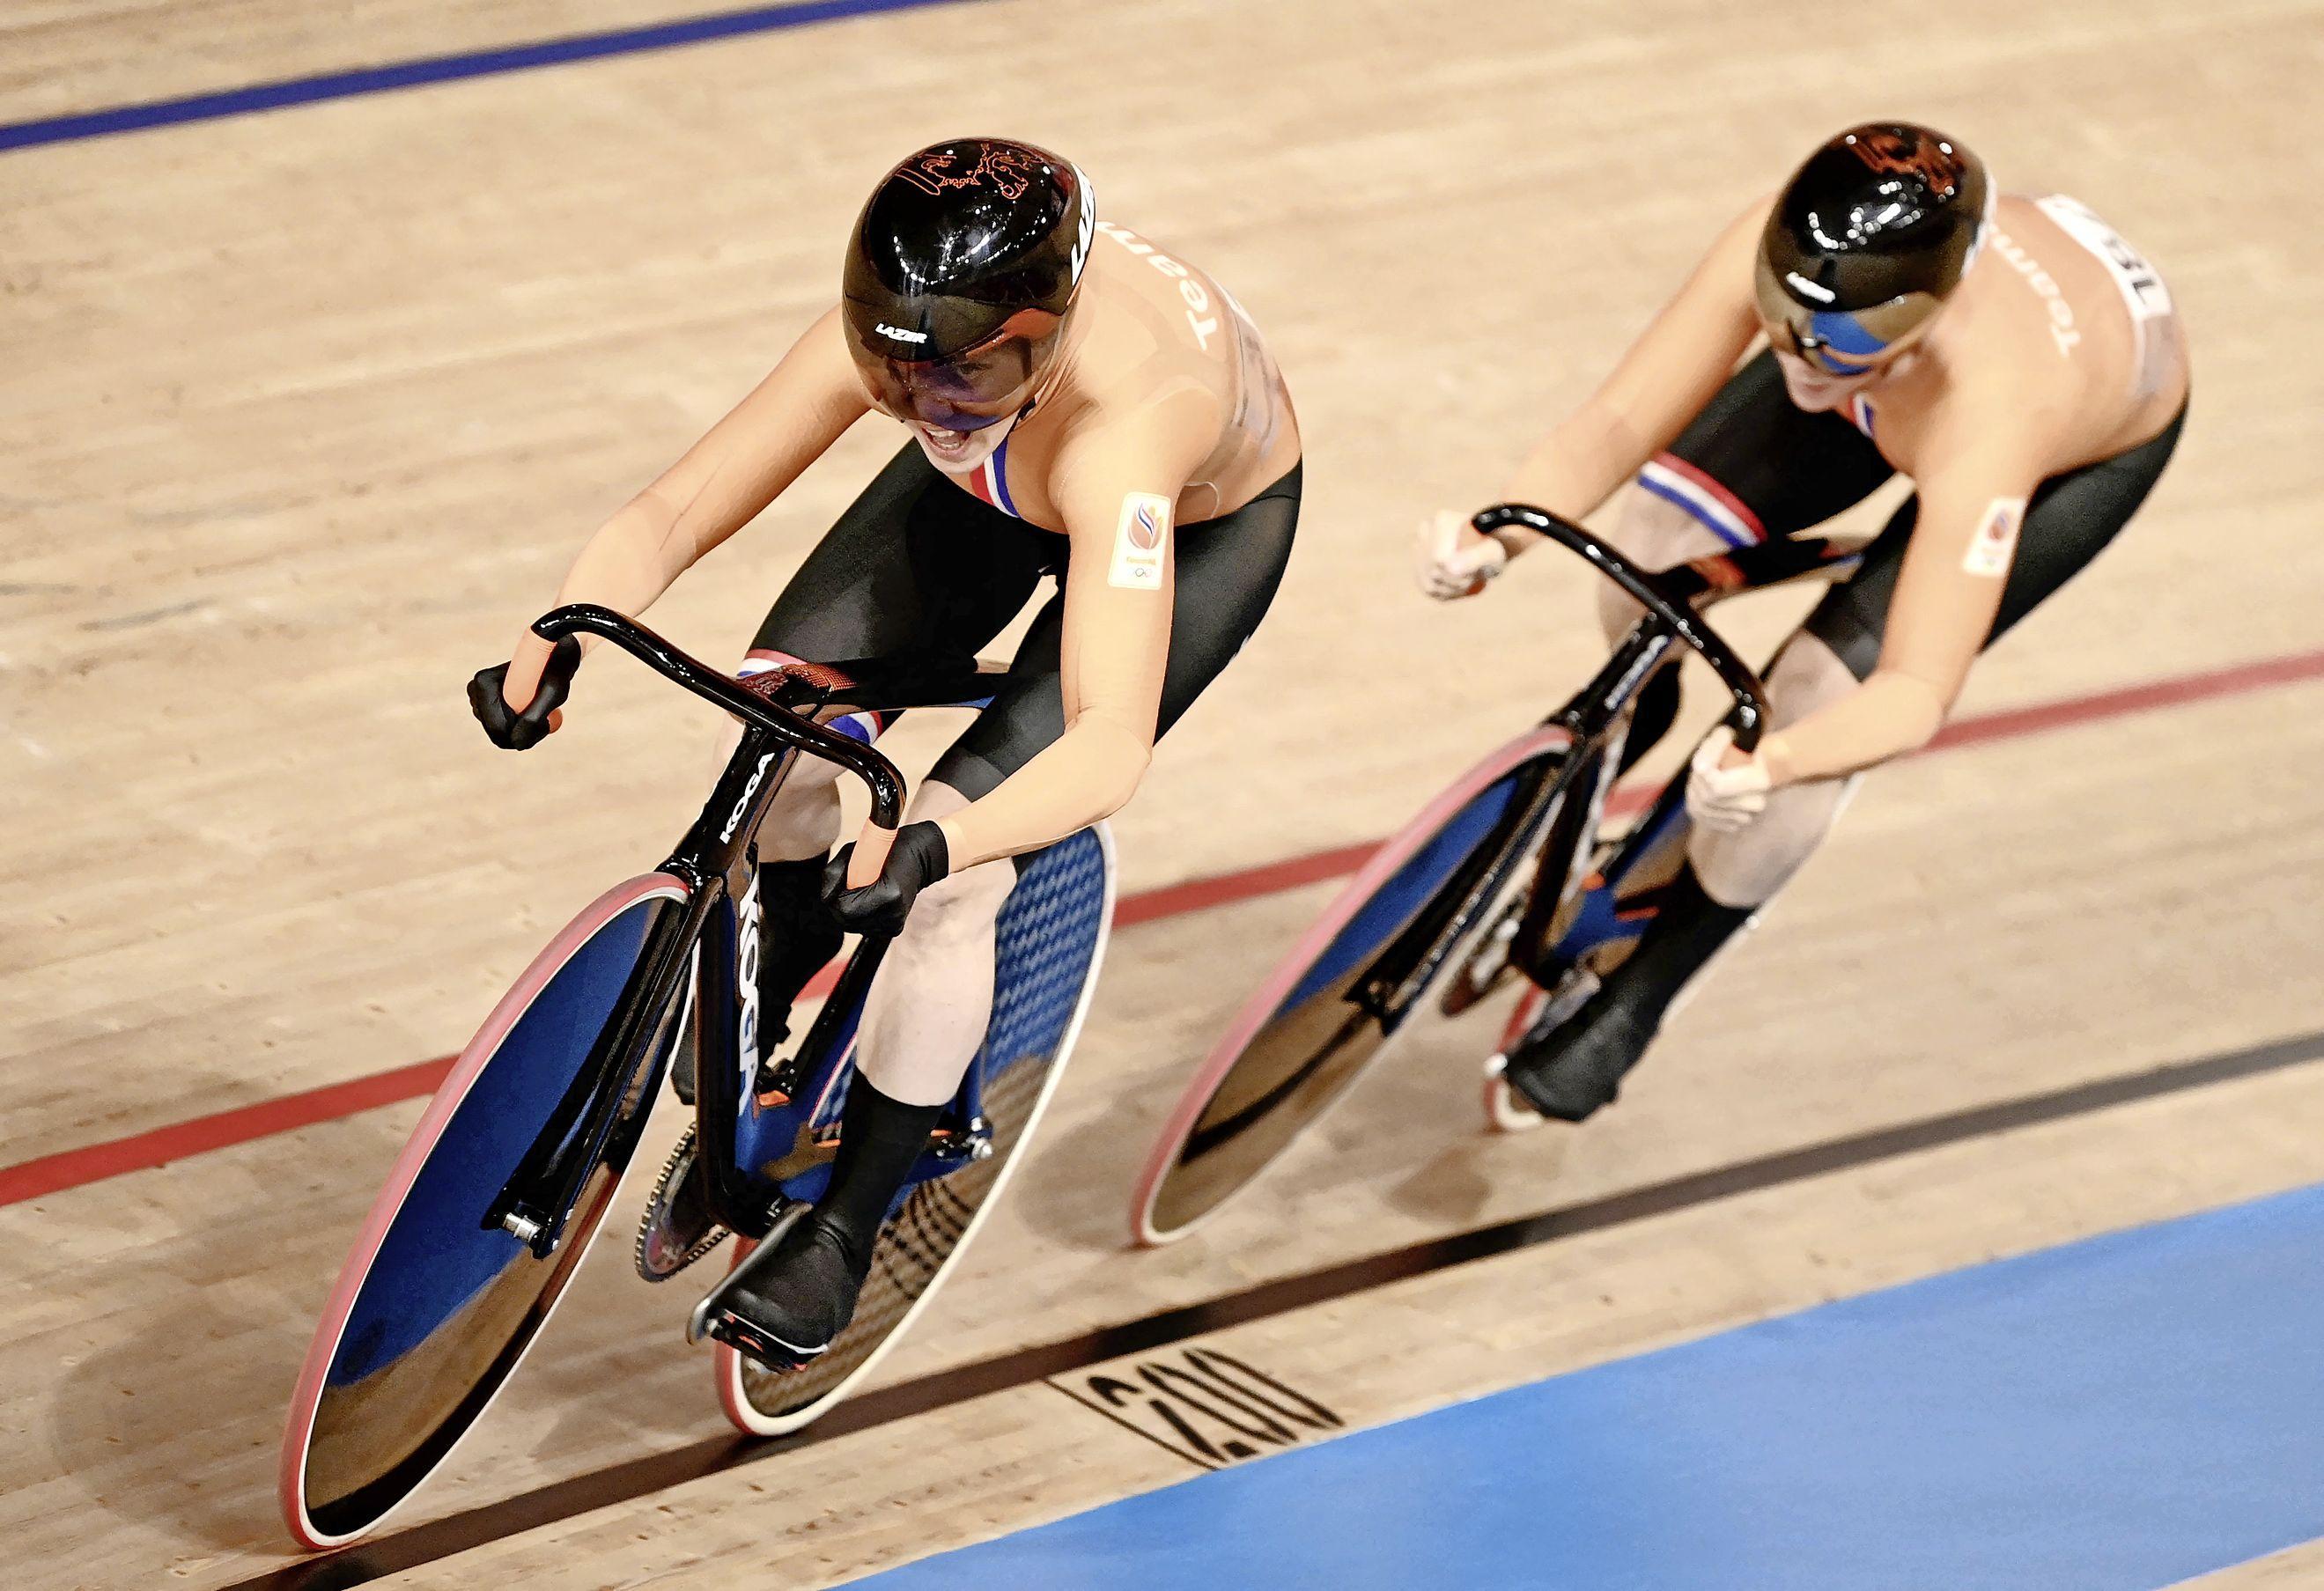 Teamsprintsters Van Riessen en Braspennincx grijpen naast brons: 'Het ging veel beter dan we hadden gedacht' [video]